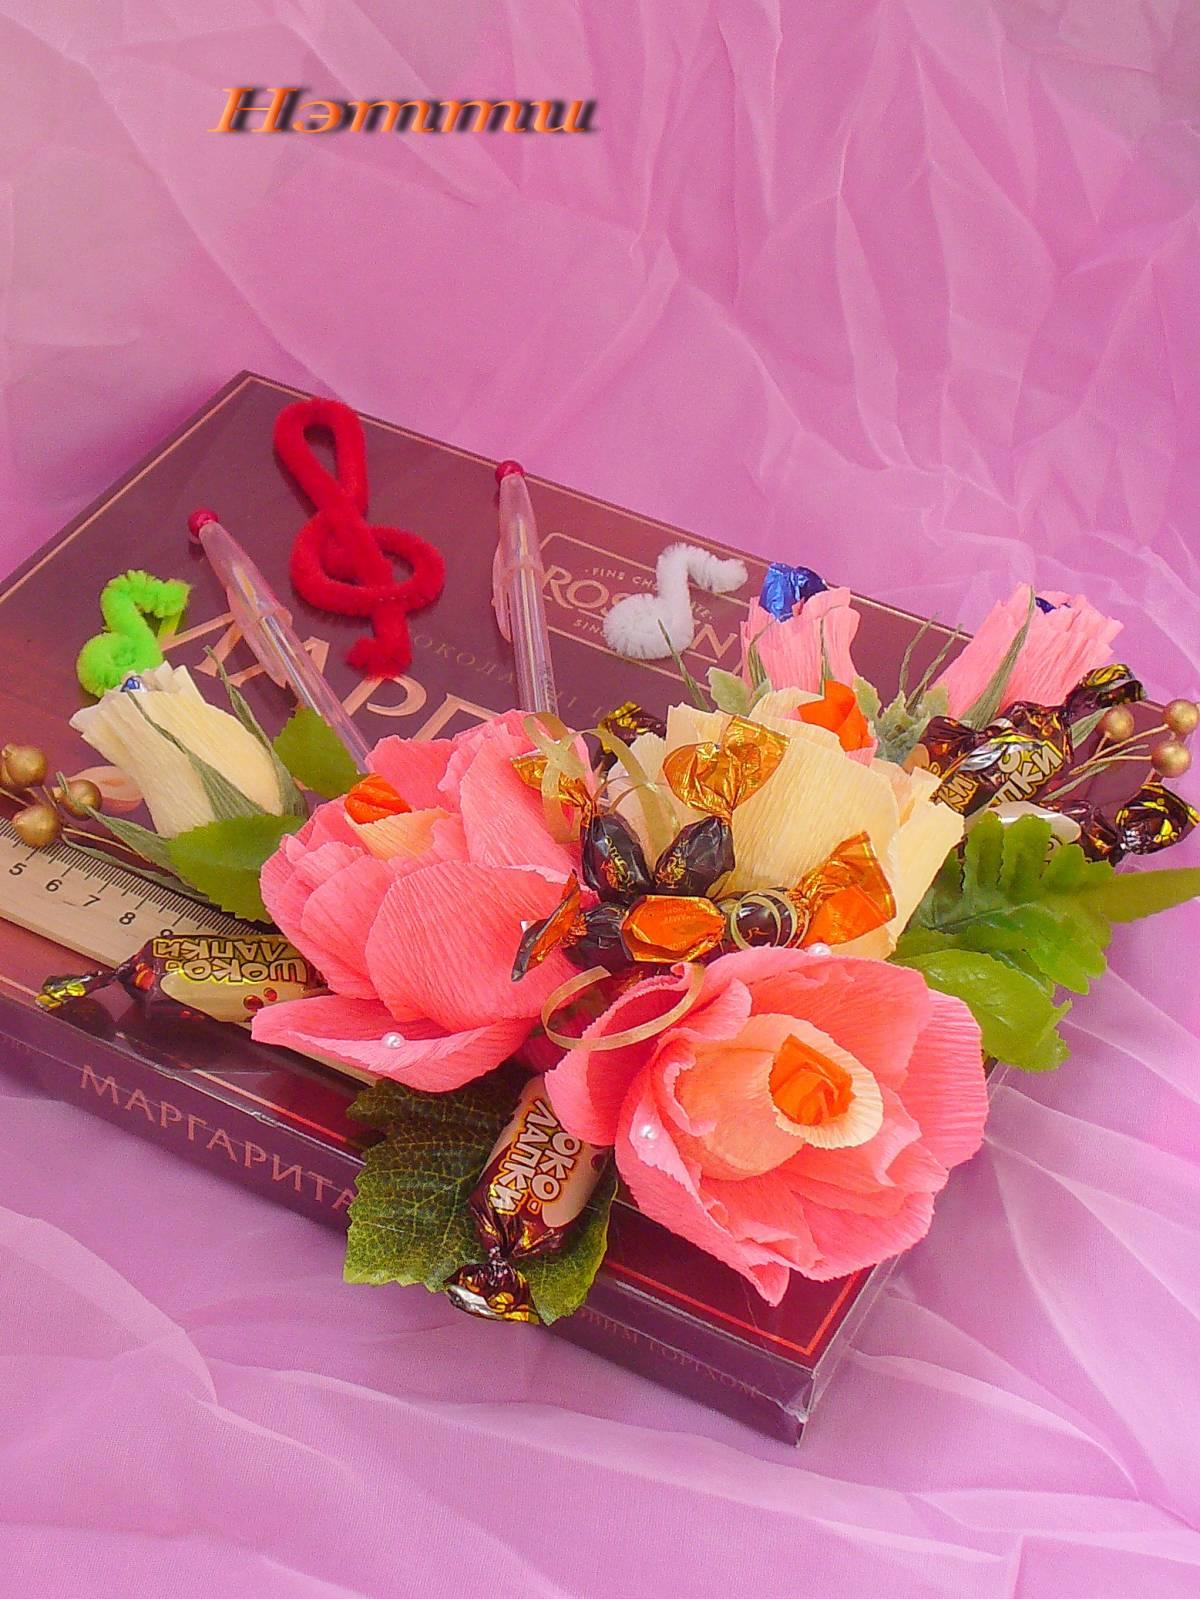 Как красиво упаковать конфеты в детский сад, школу на День рождения